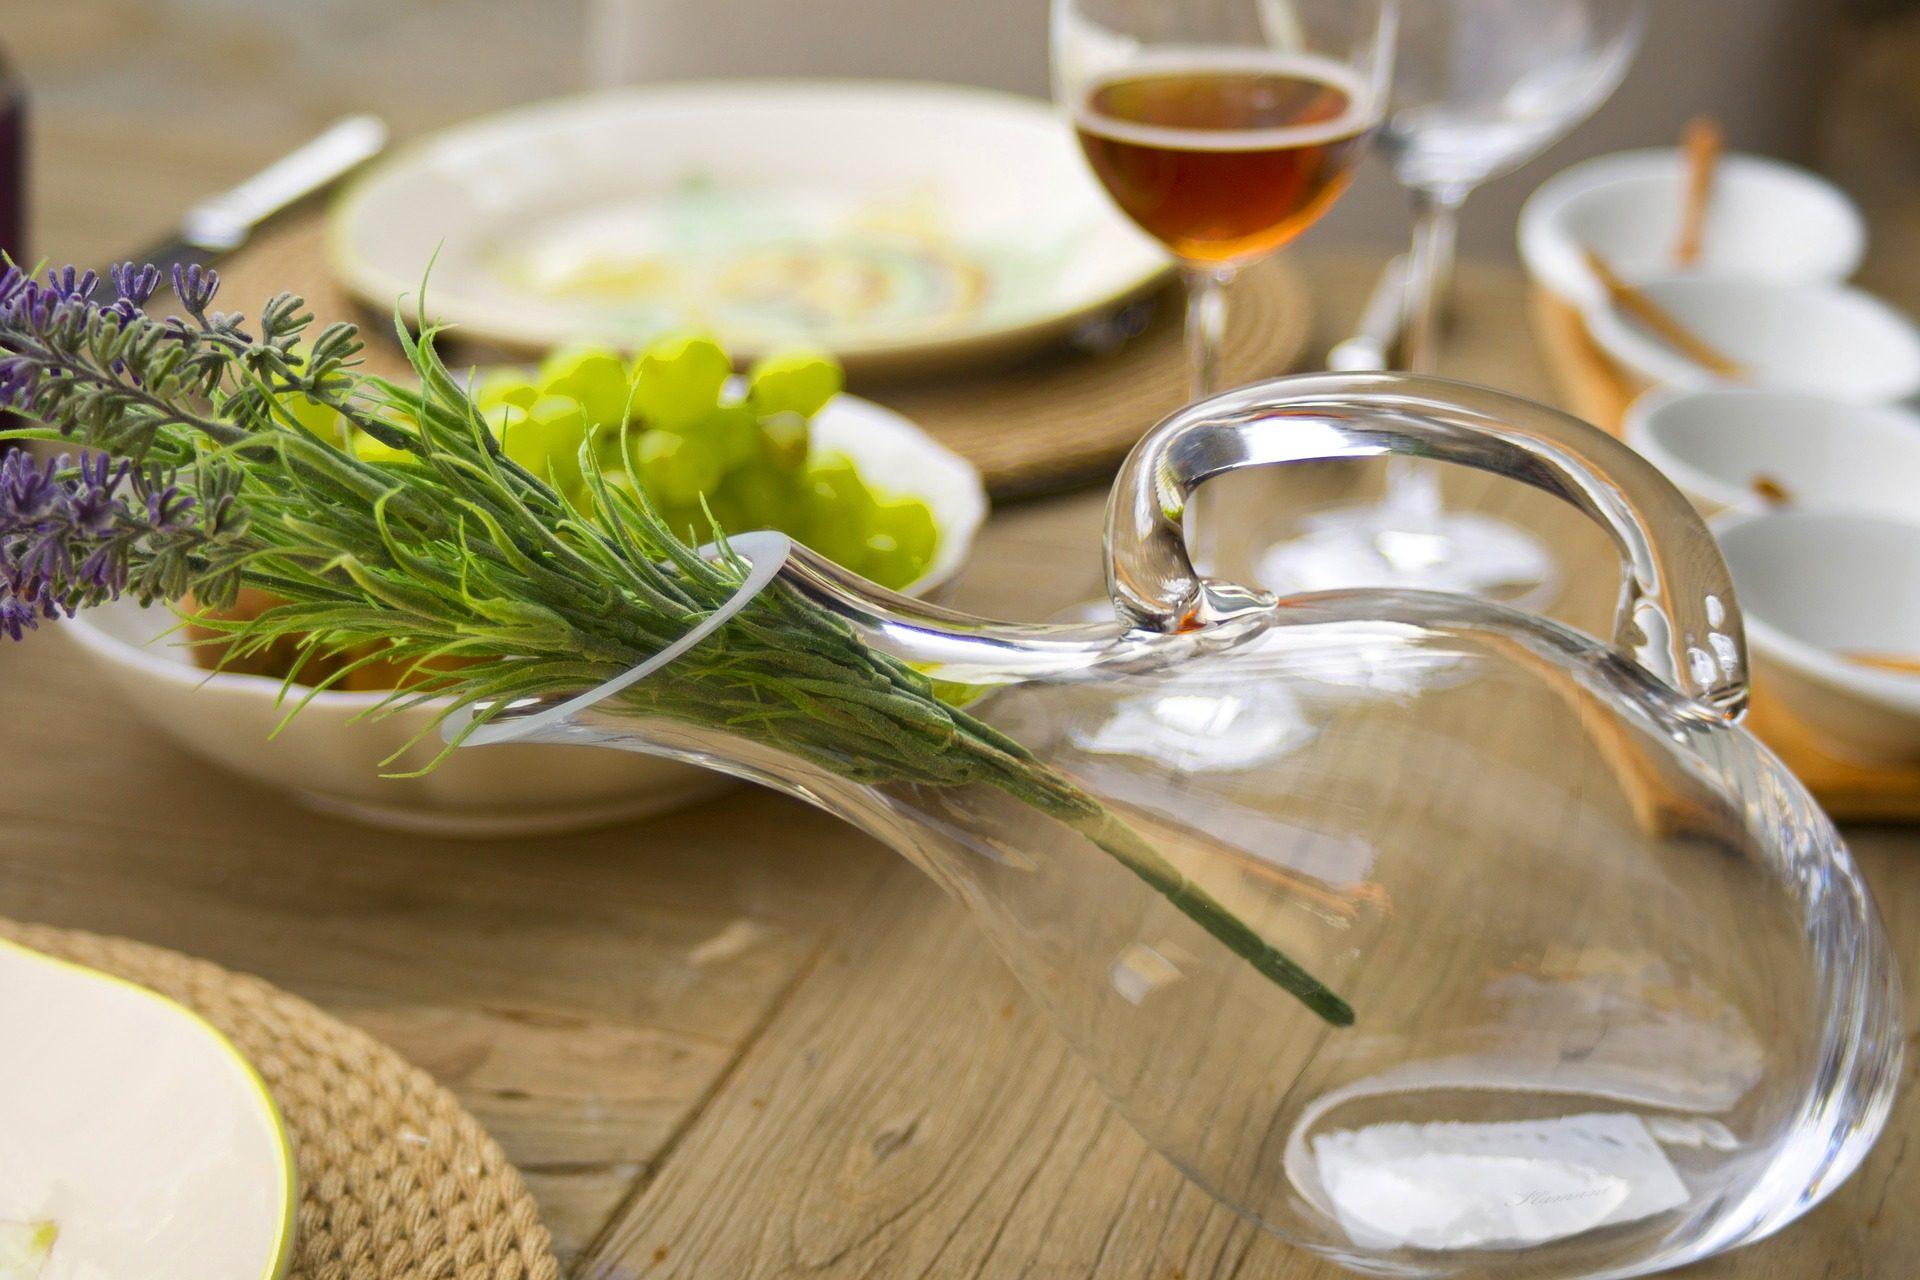 tavolo, legno, vaso, Cristallo, fiori, piatti, tazze - Sfondi HD - Professor-falken.com